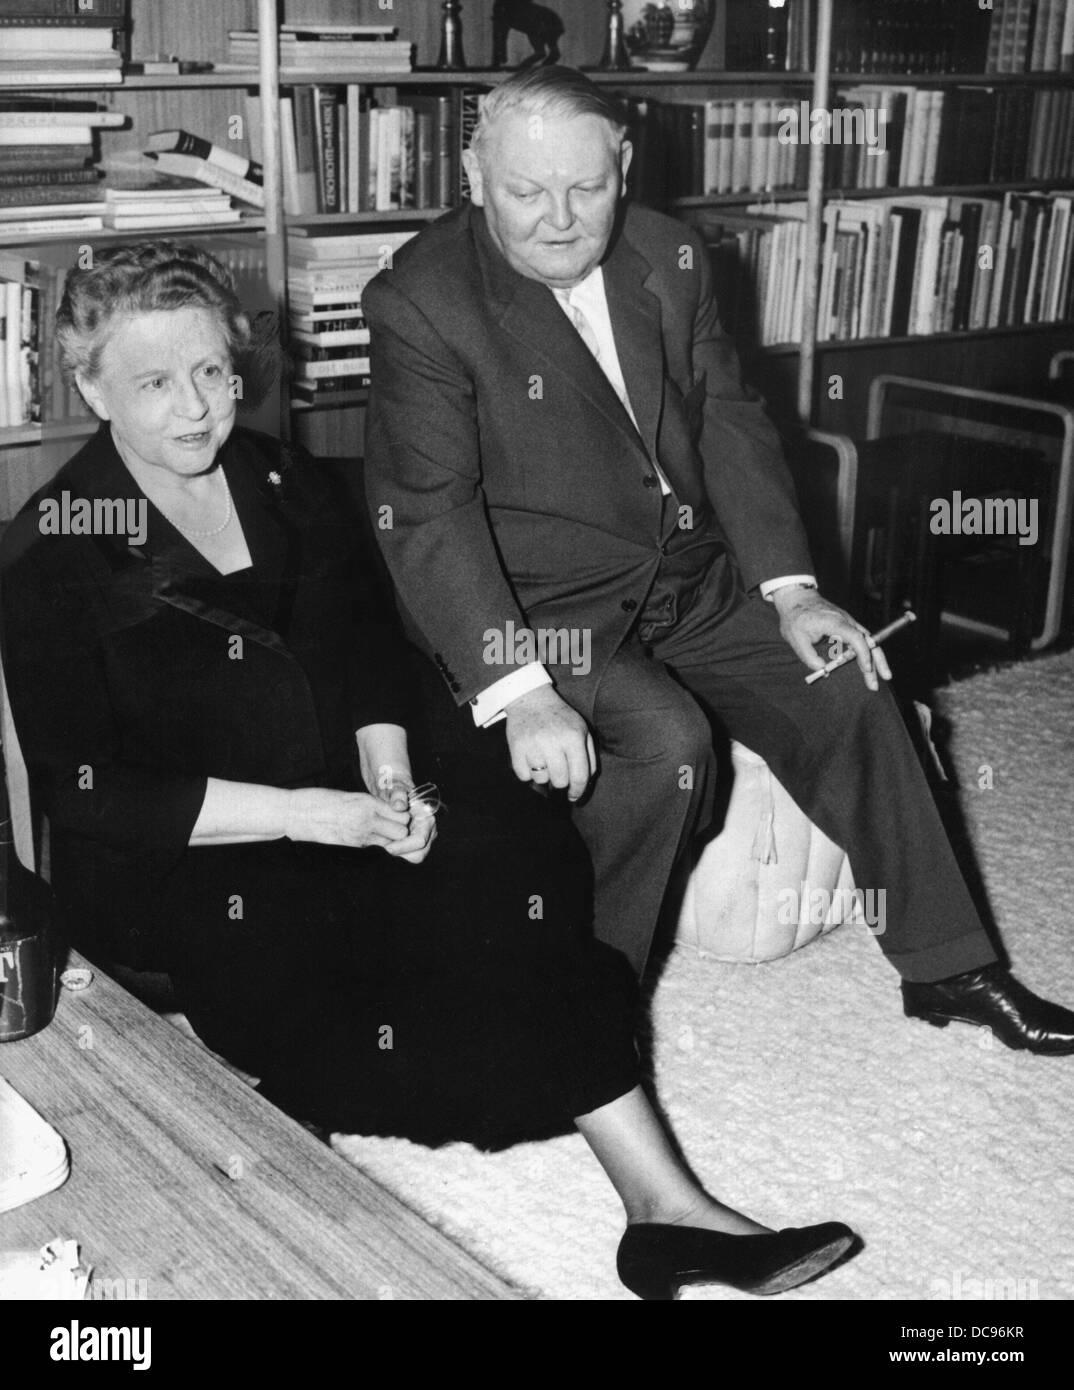 Ministre fédéral de l'Économie Ludwig Erhard et de sa femme Luise dans leur maison à Tegernsee sur une archive photo à partir des années 1960. Banque D'Images